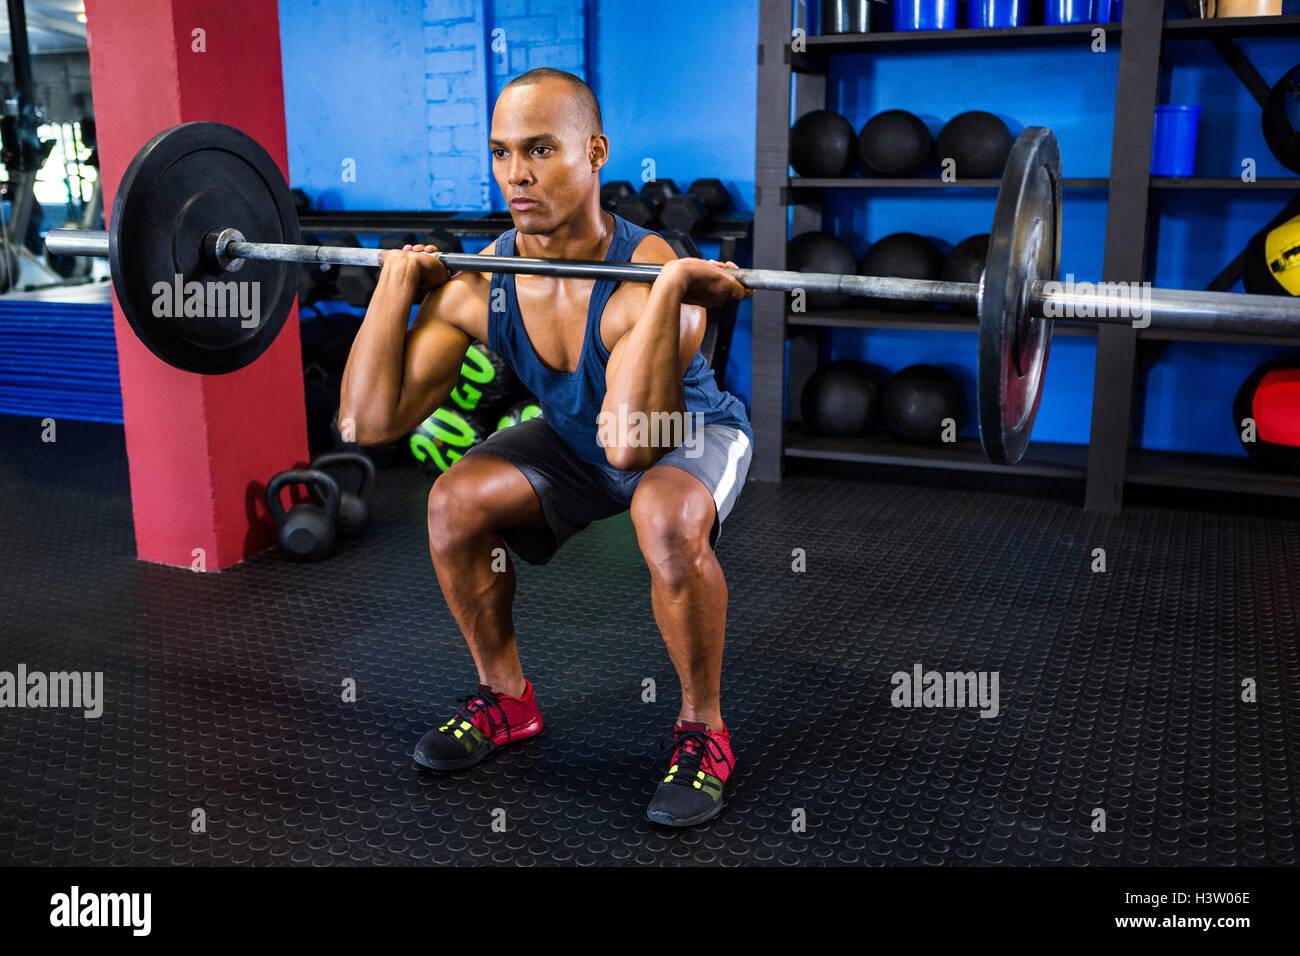 Voce maschile atleta di sollevamento pesi in studio fitness Immagini Stock